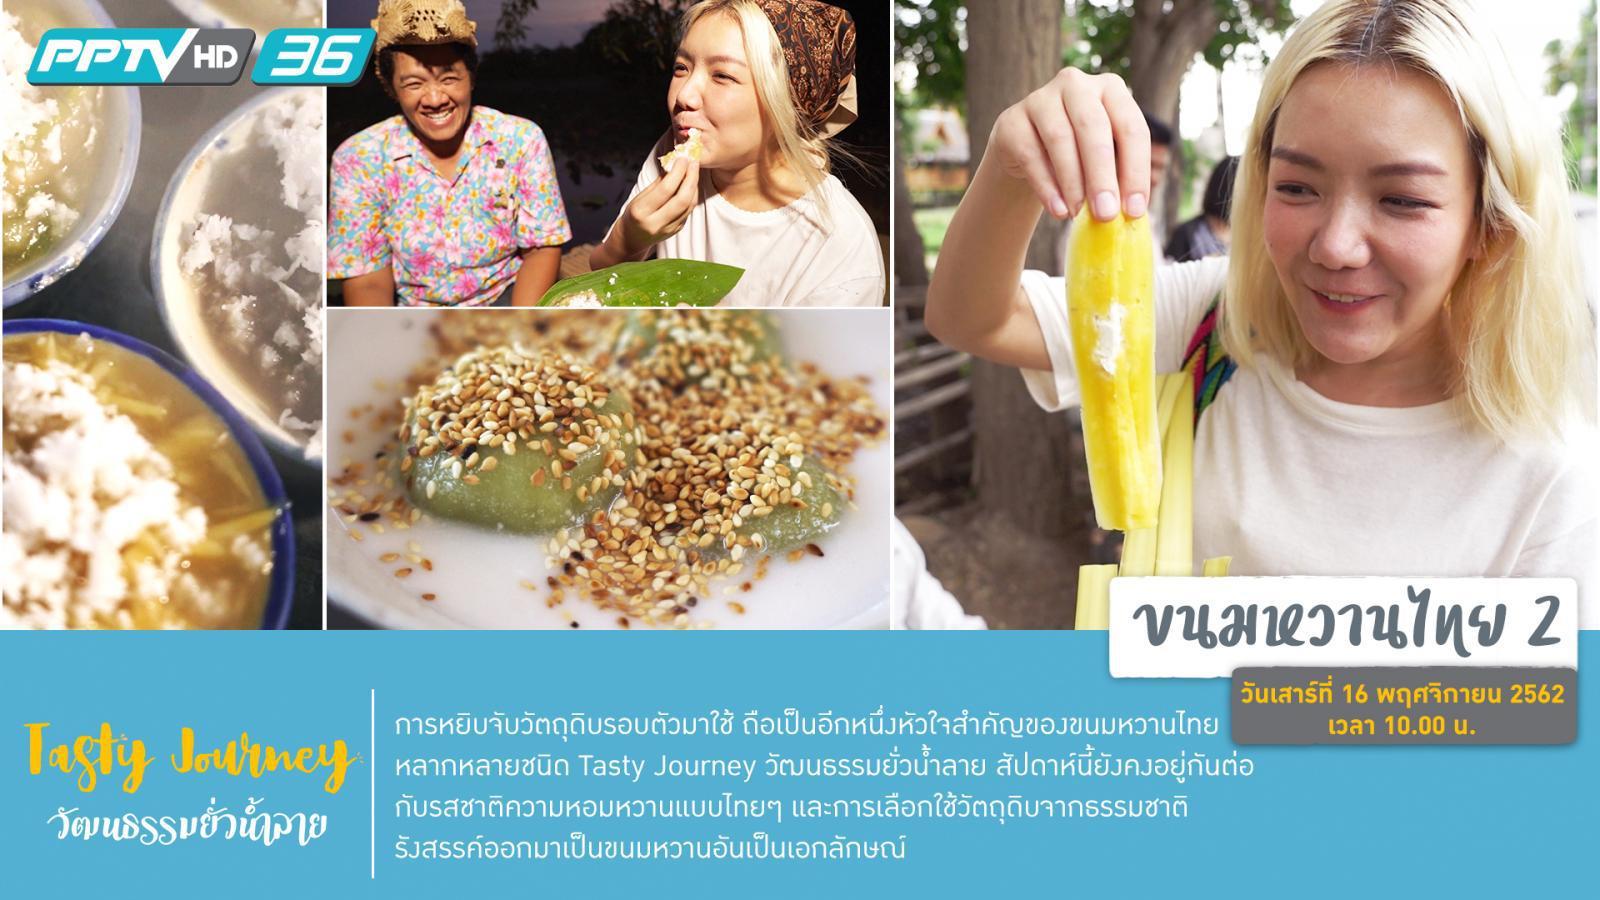 ขนมหวานไทย ตอนที่ 2